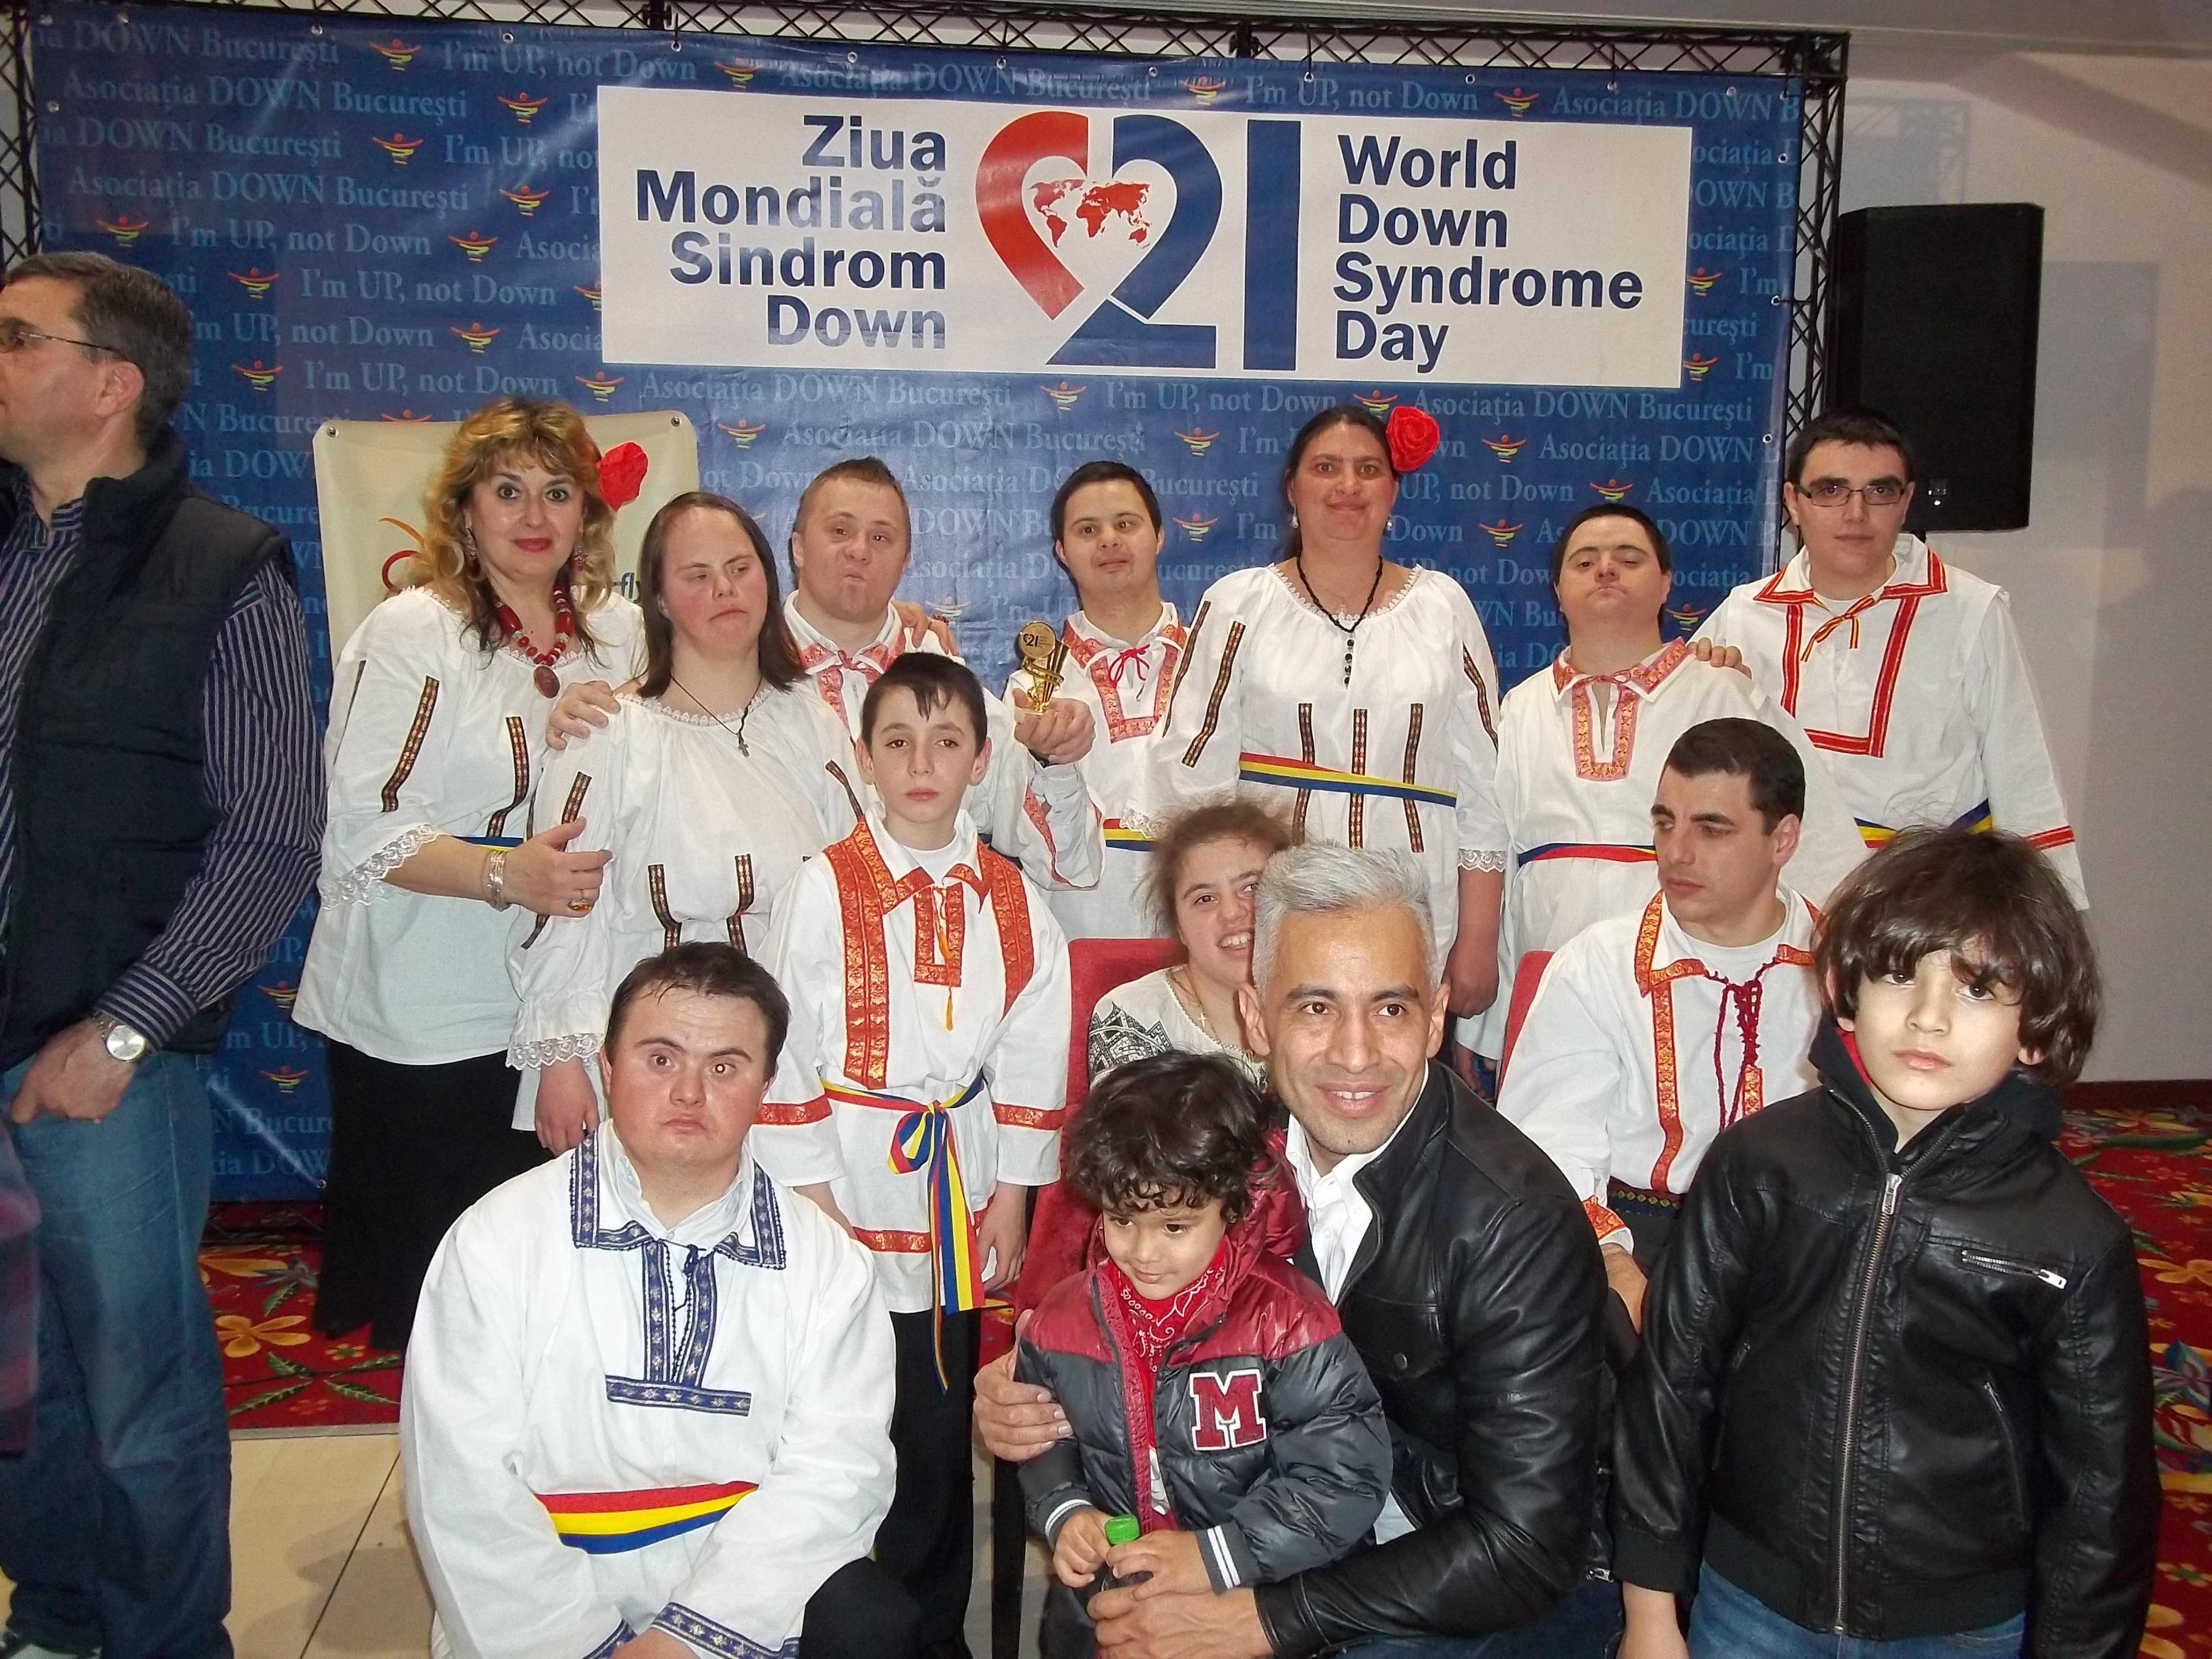 Ziua-Mondiala-Sindrom-Down